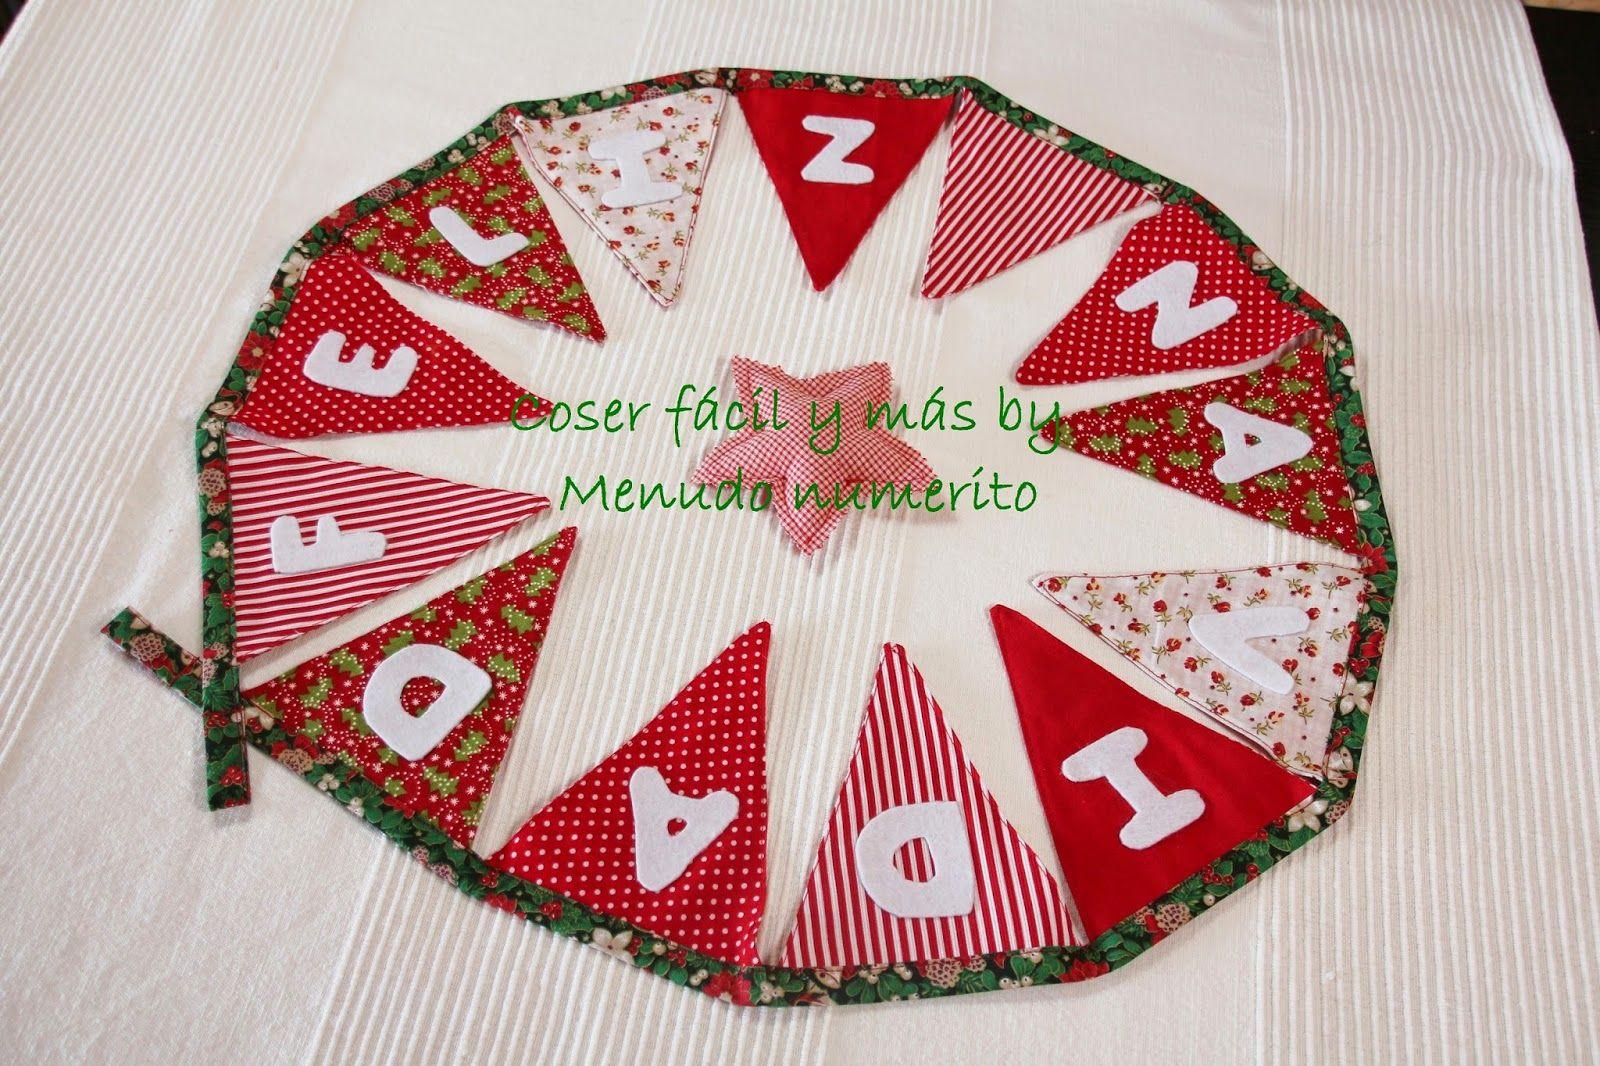 Adornos de navidad guirnalda de banderines navide a for Navidad adornos manualidades navidenas